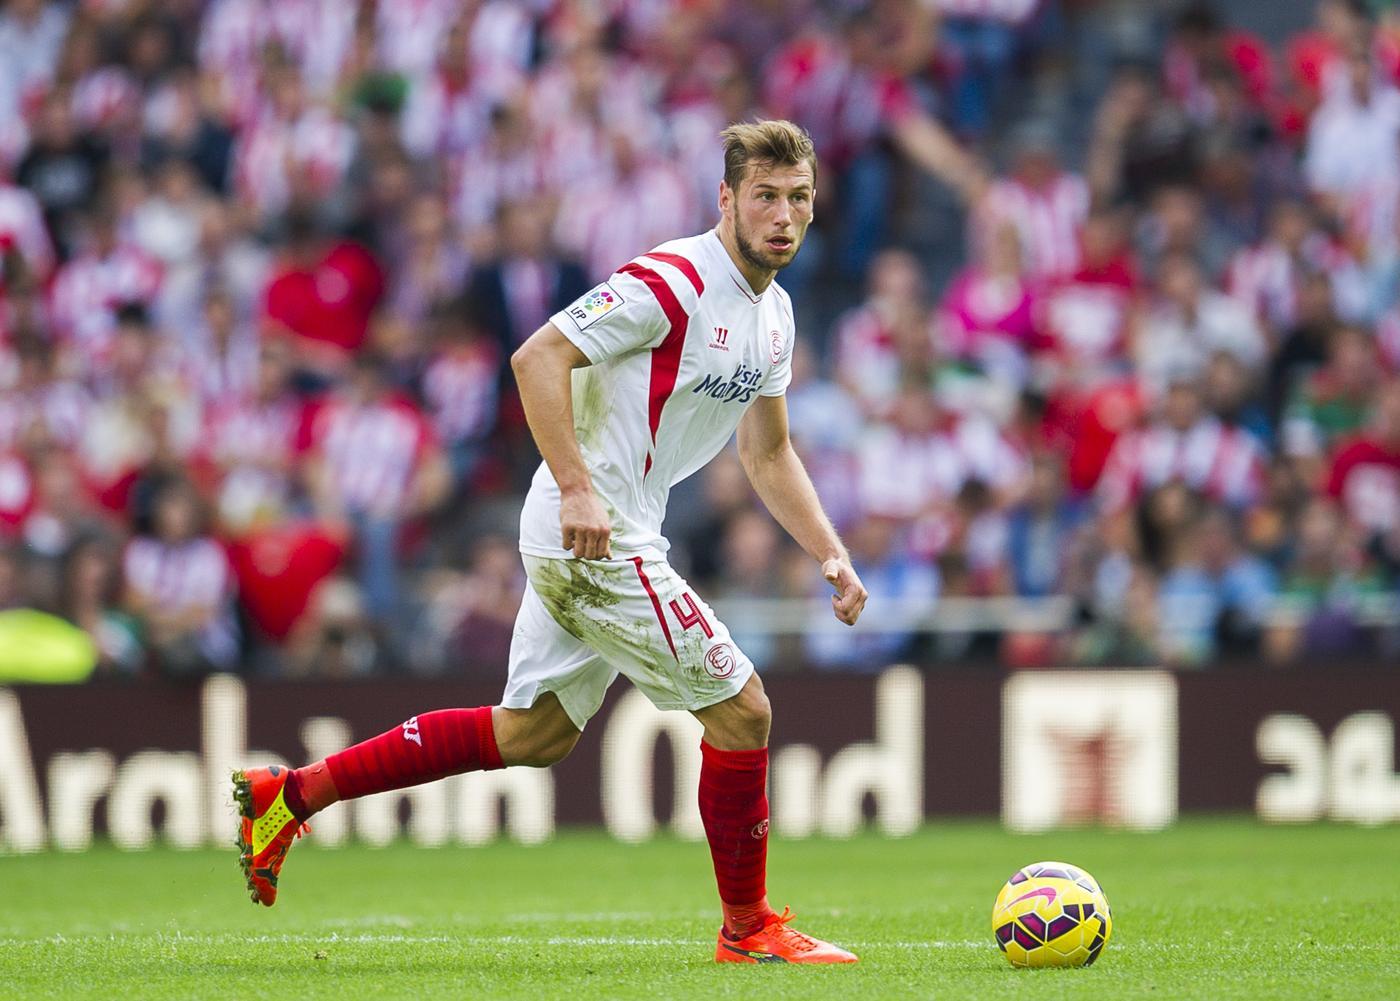 Officiel : Krychowiak prolonge avec le FC Seville ! - Transfert Foot ...